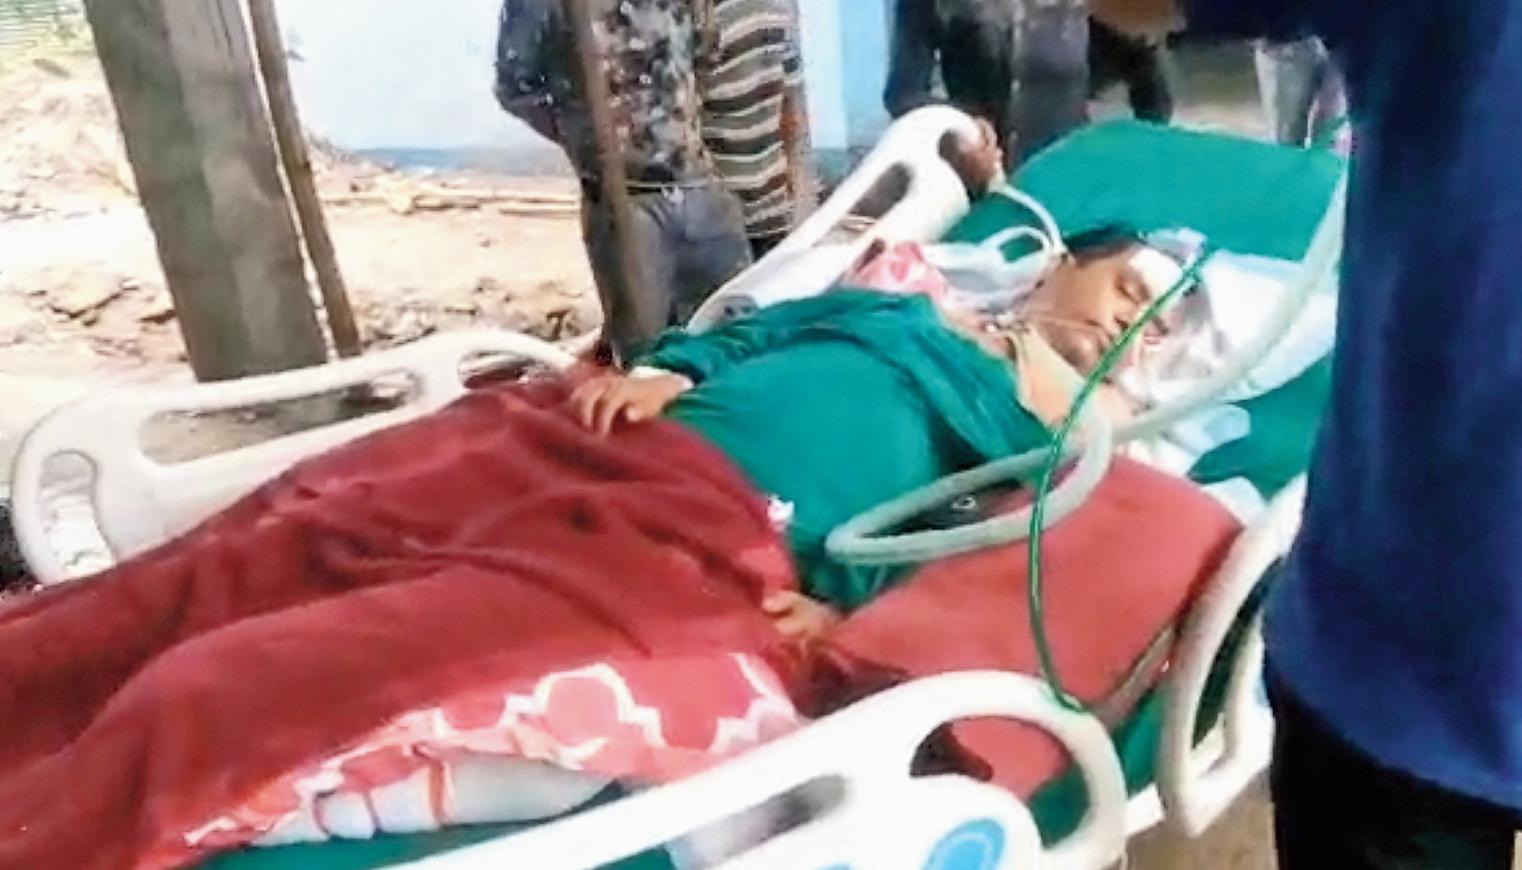 Hospital fire kills patient